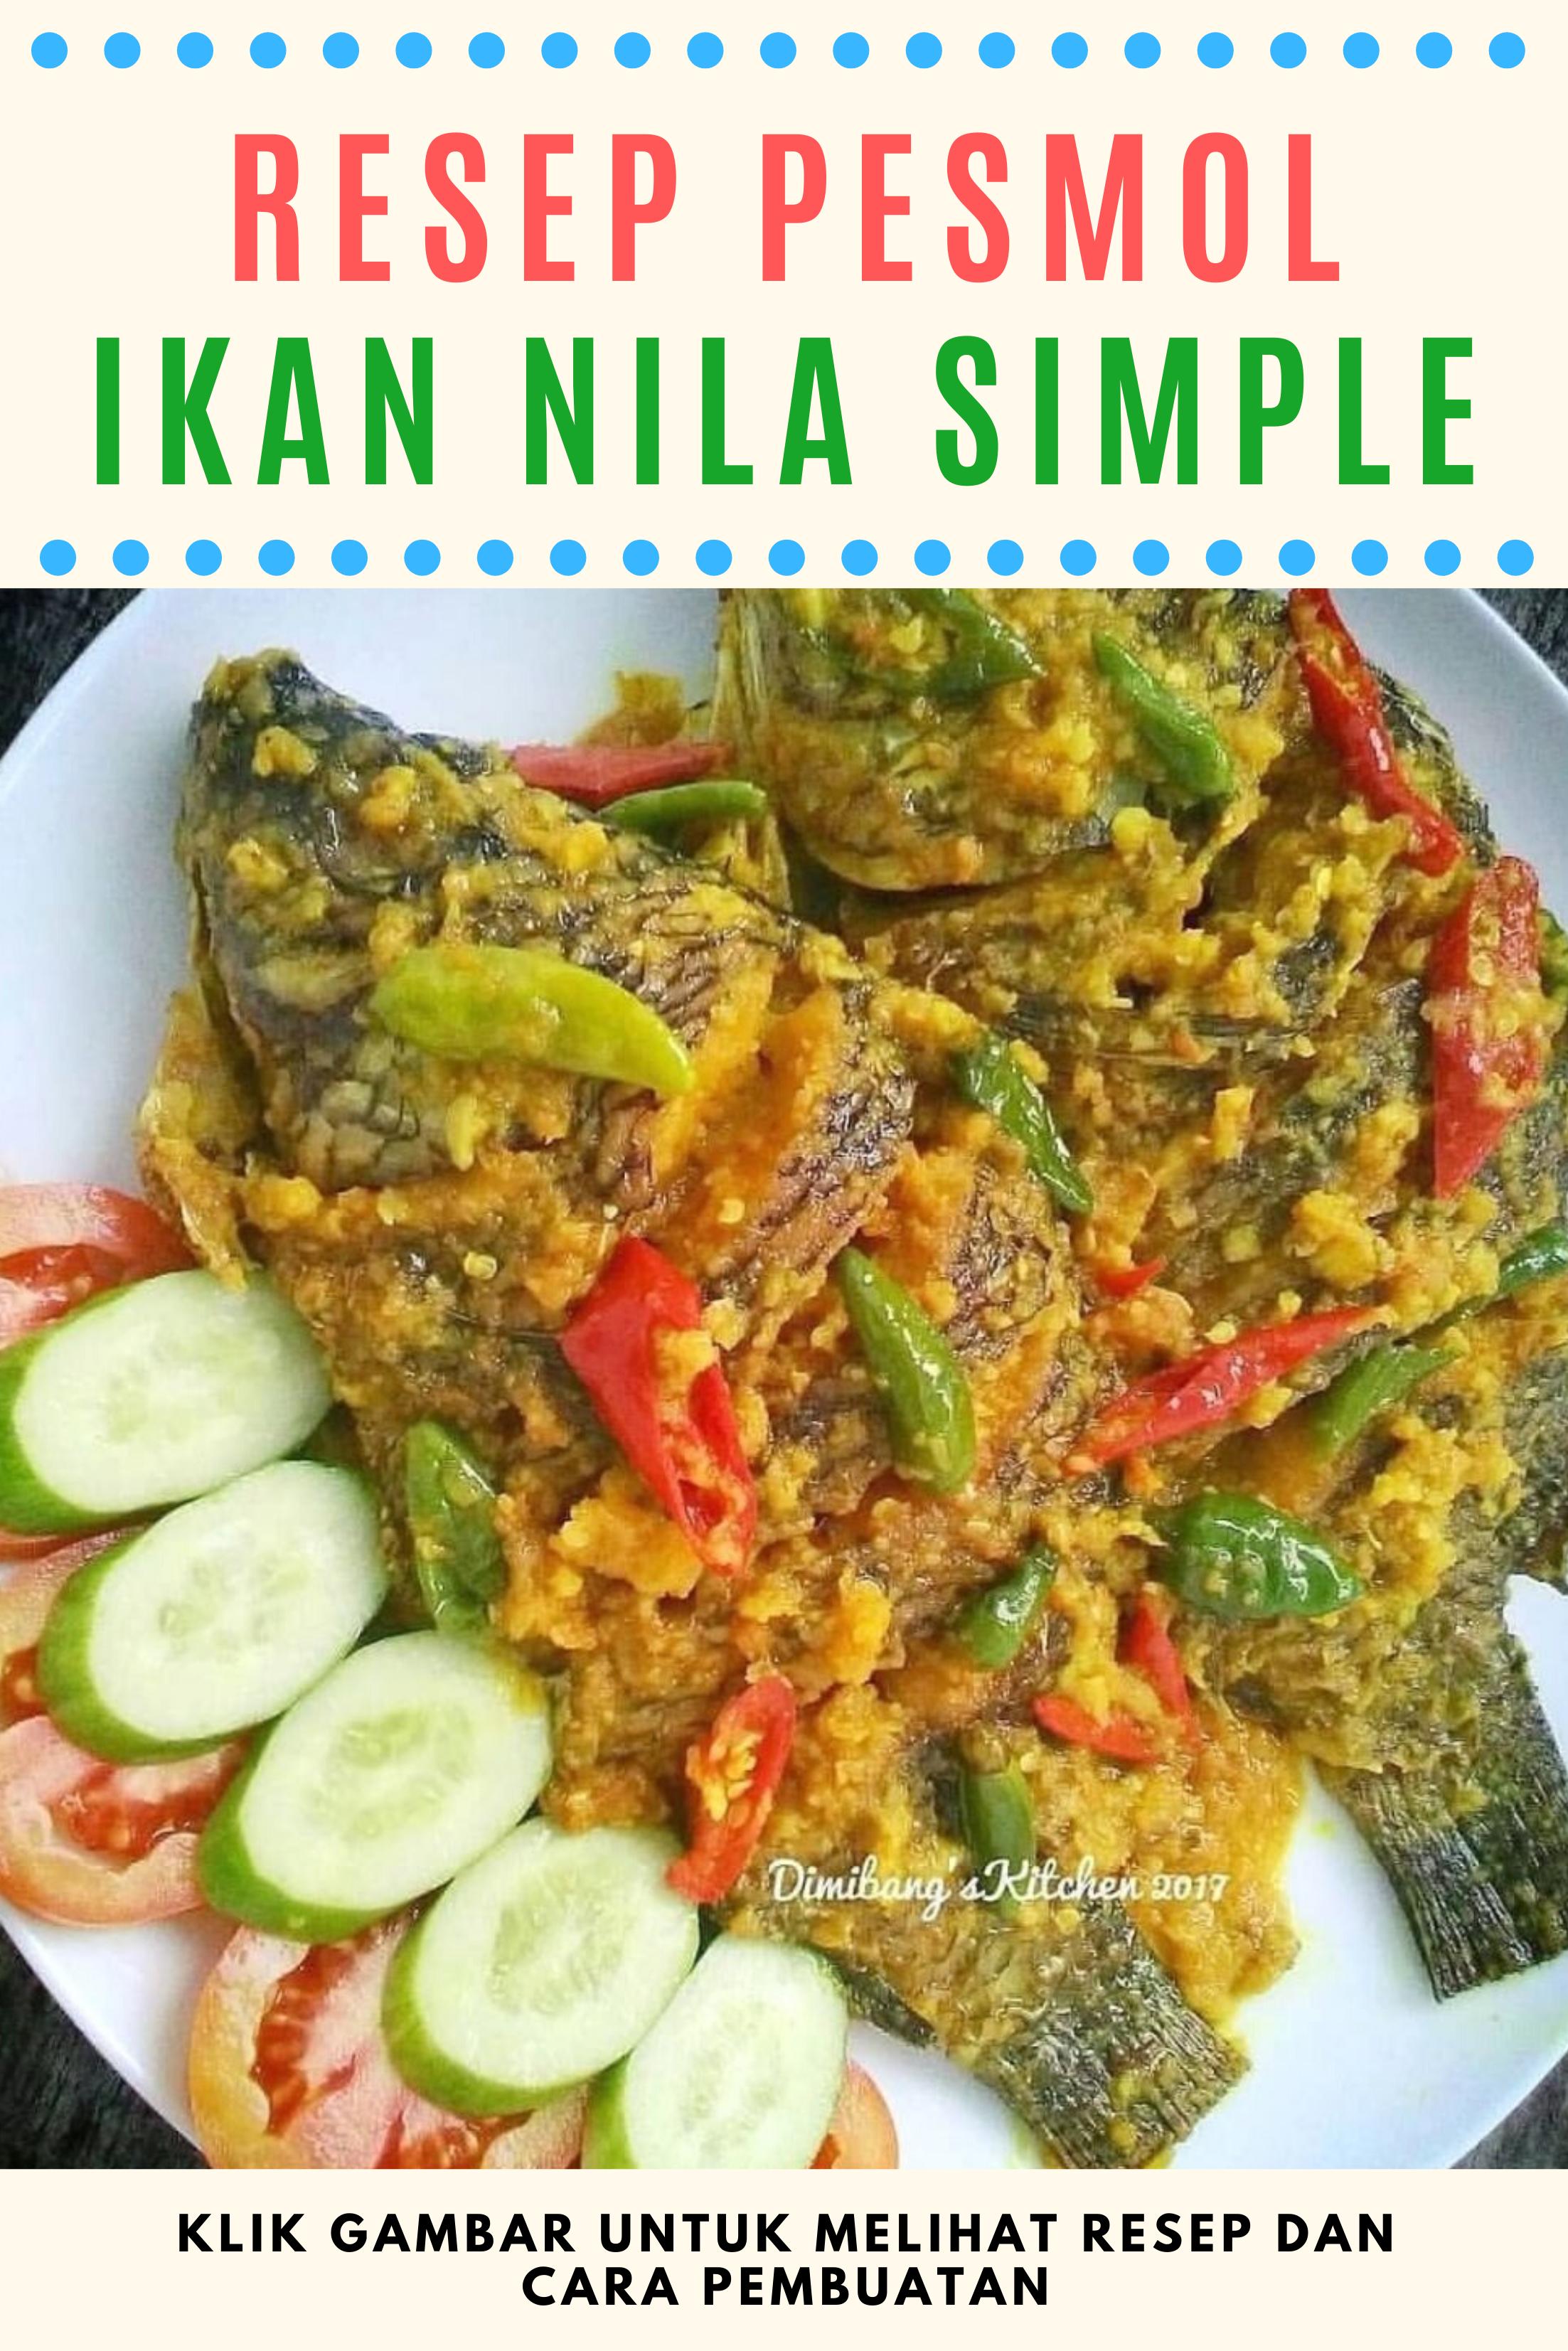 Resep Masakan Rumahan Sederhana Pesmol Ikan Nila Resep Masakan Resep Masakan